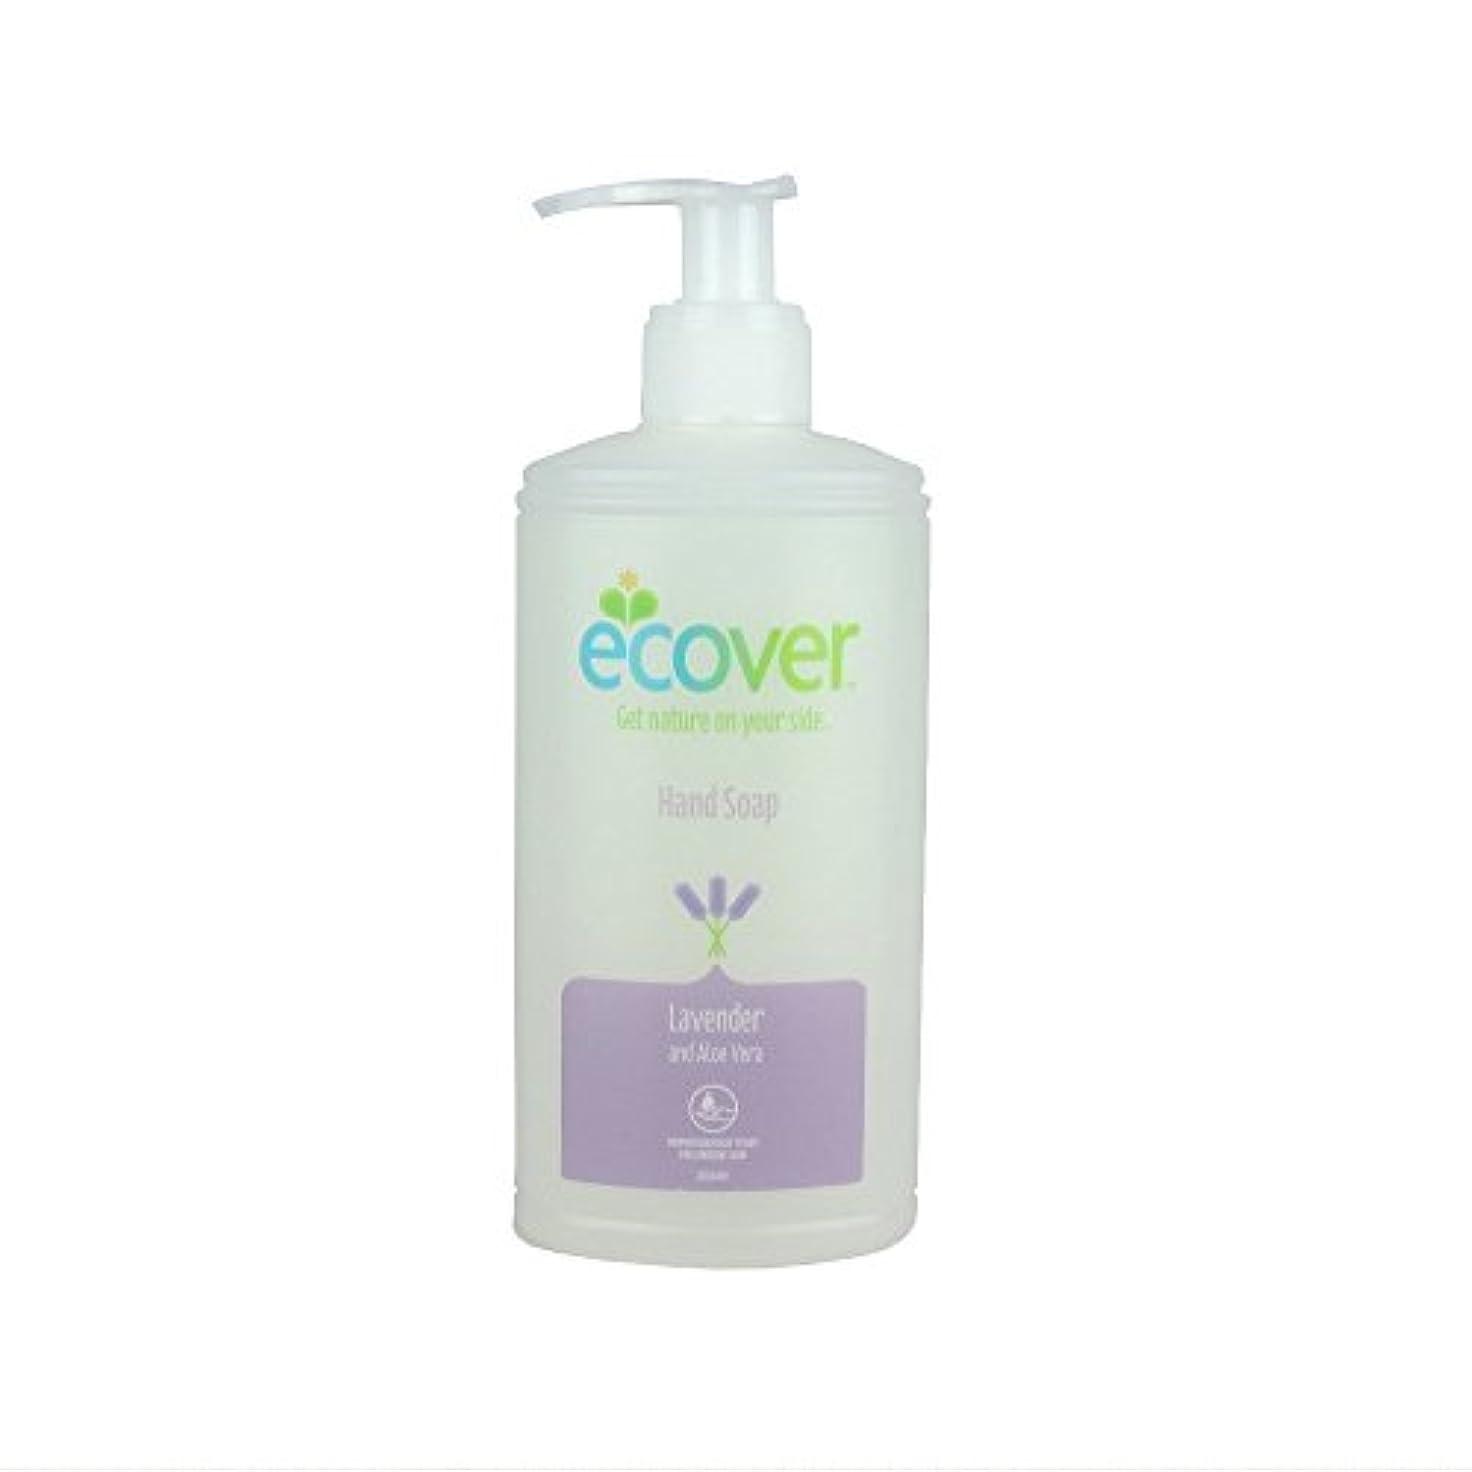 文芸証明レジデンスEcover Liquid Hand Soap Lavender & Aloe Vera (250ml) 液体ハンドソープラベンダーとアロエベラ( 250ミリリットル)をエコベール